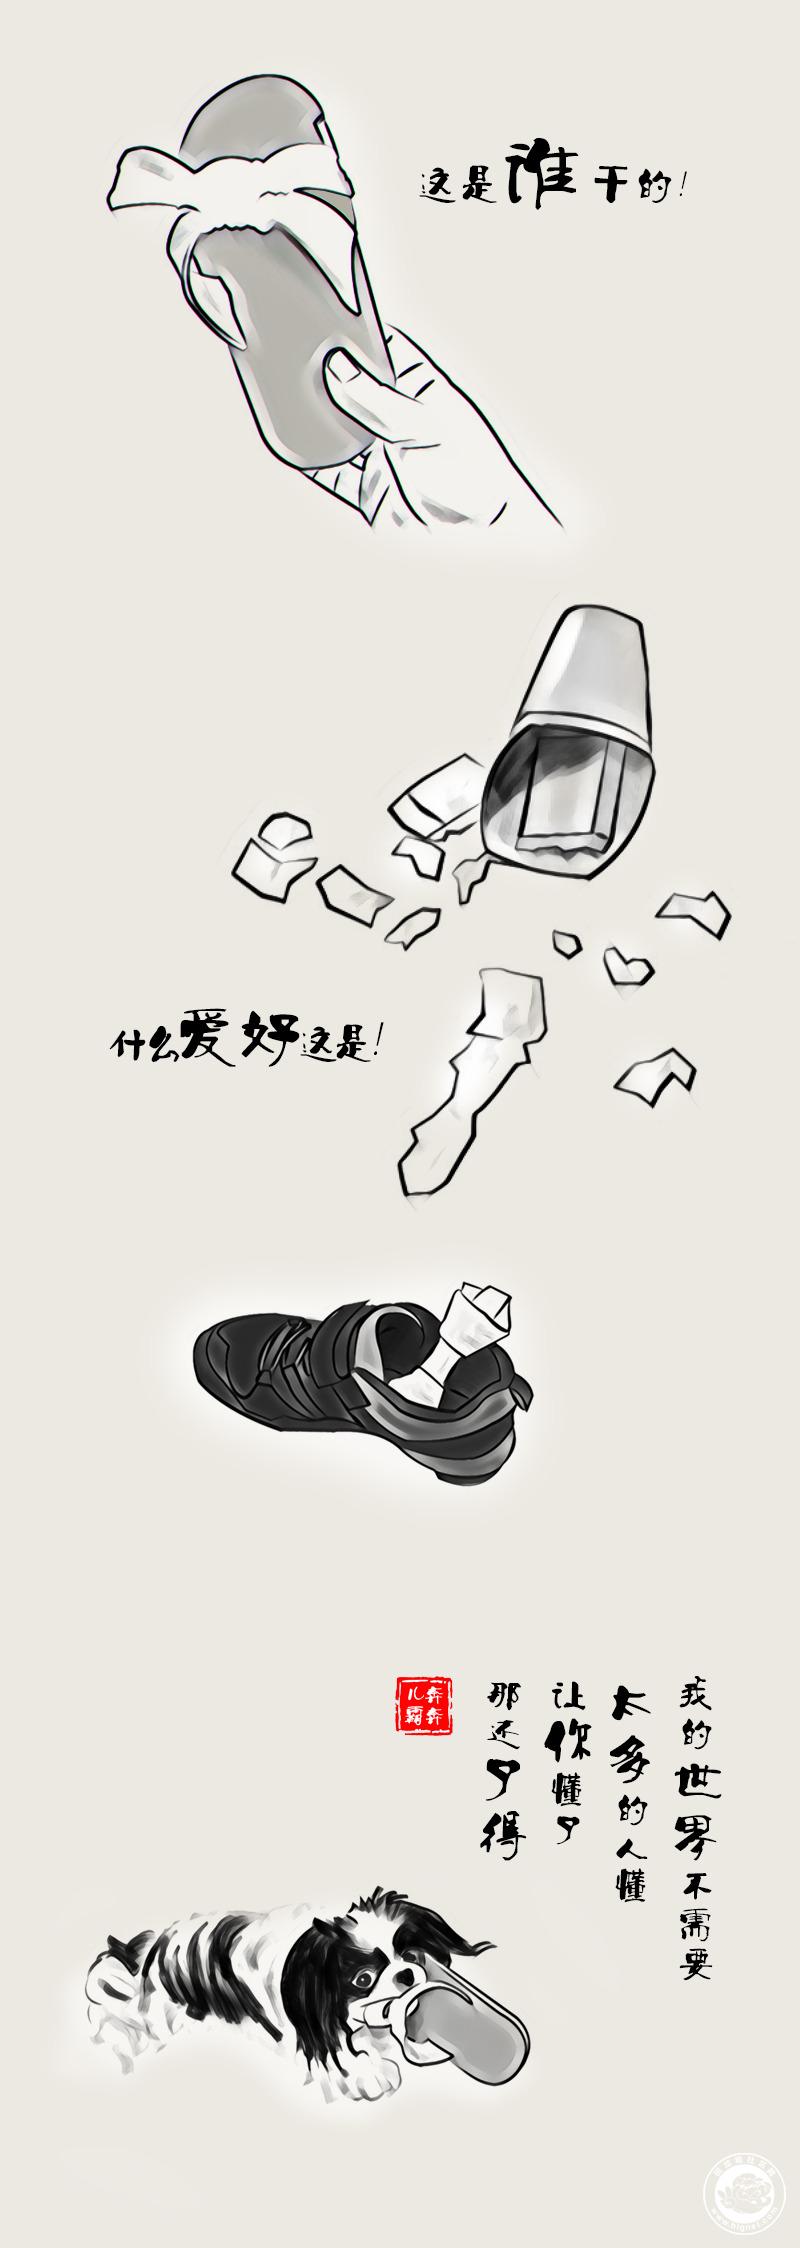 拖鞋_定稿连环画.jpg